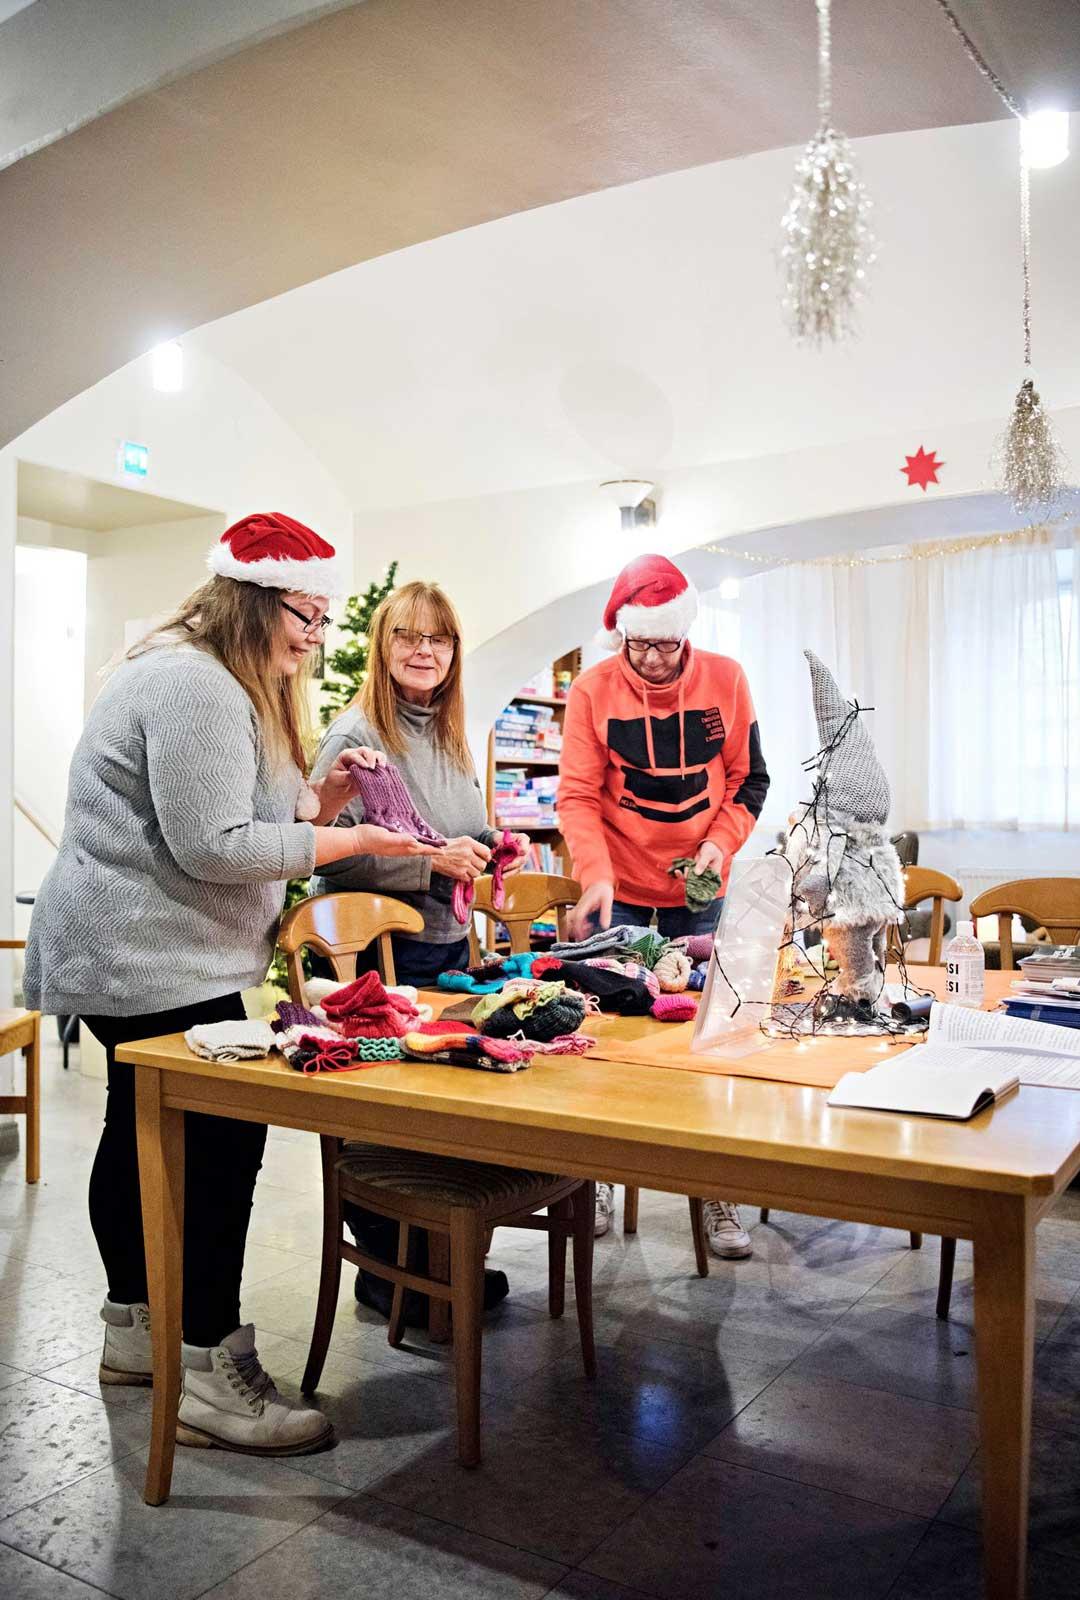 Annen idea yhteisöllisestä aatosta lähti lapasista. Entisestä jouluskeptikosta tuli Haminan epävirallinen jouluhörhö.